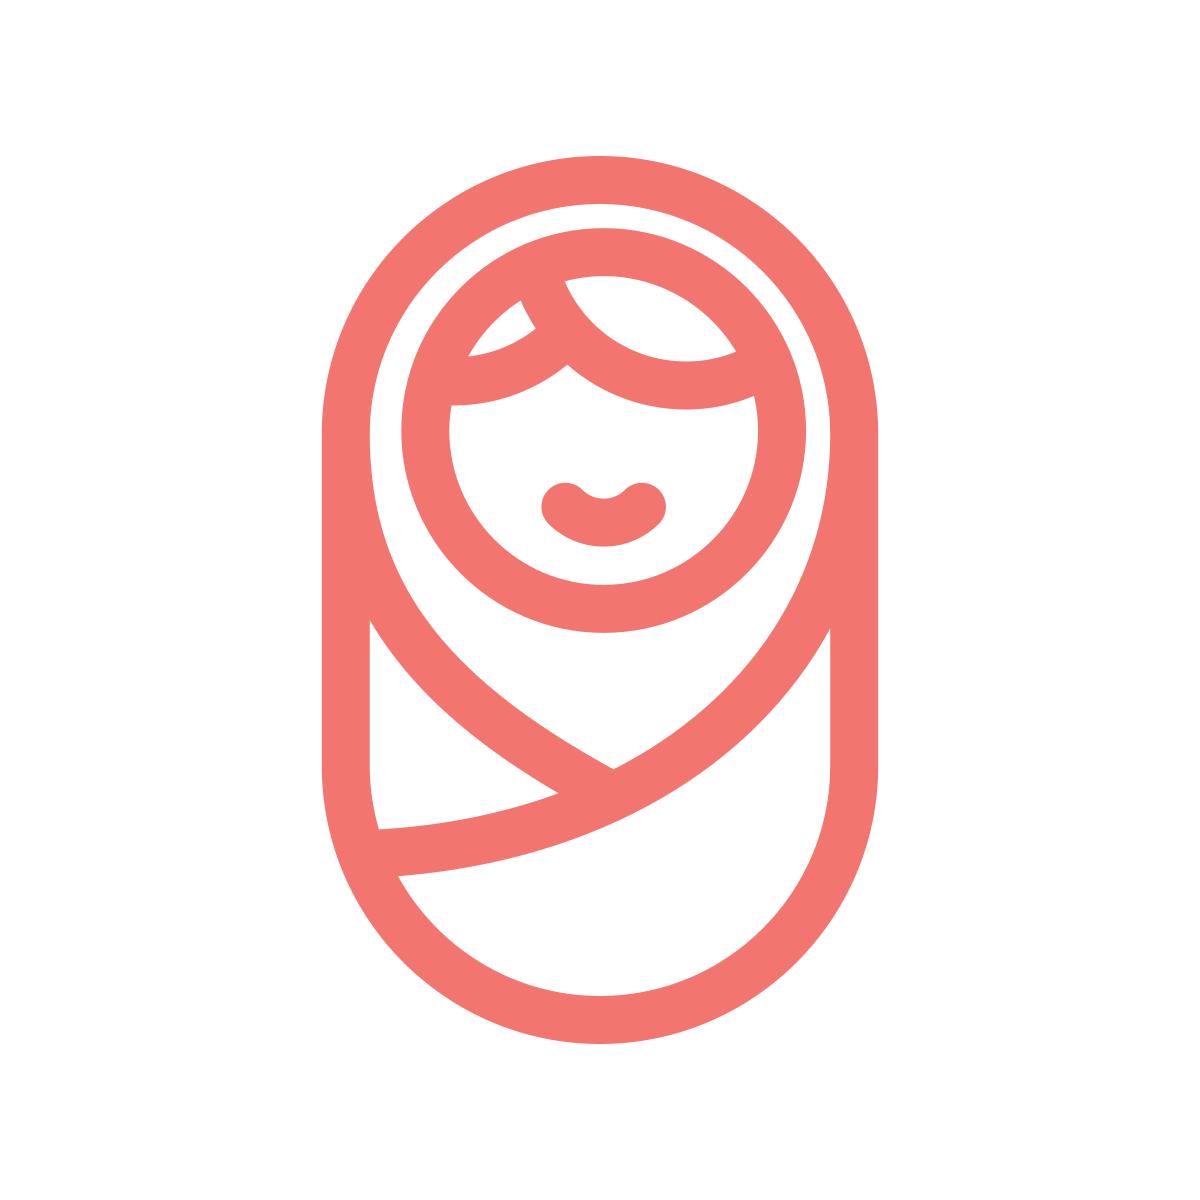 ייעוץ אישי בתזונת תינוקות | עדי רסולי תזונאית לתינוקות